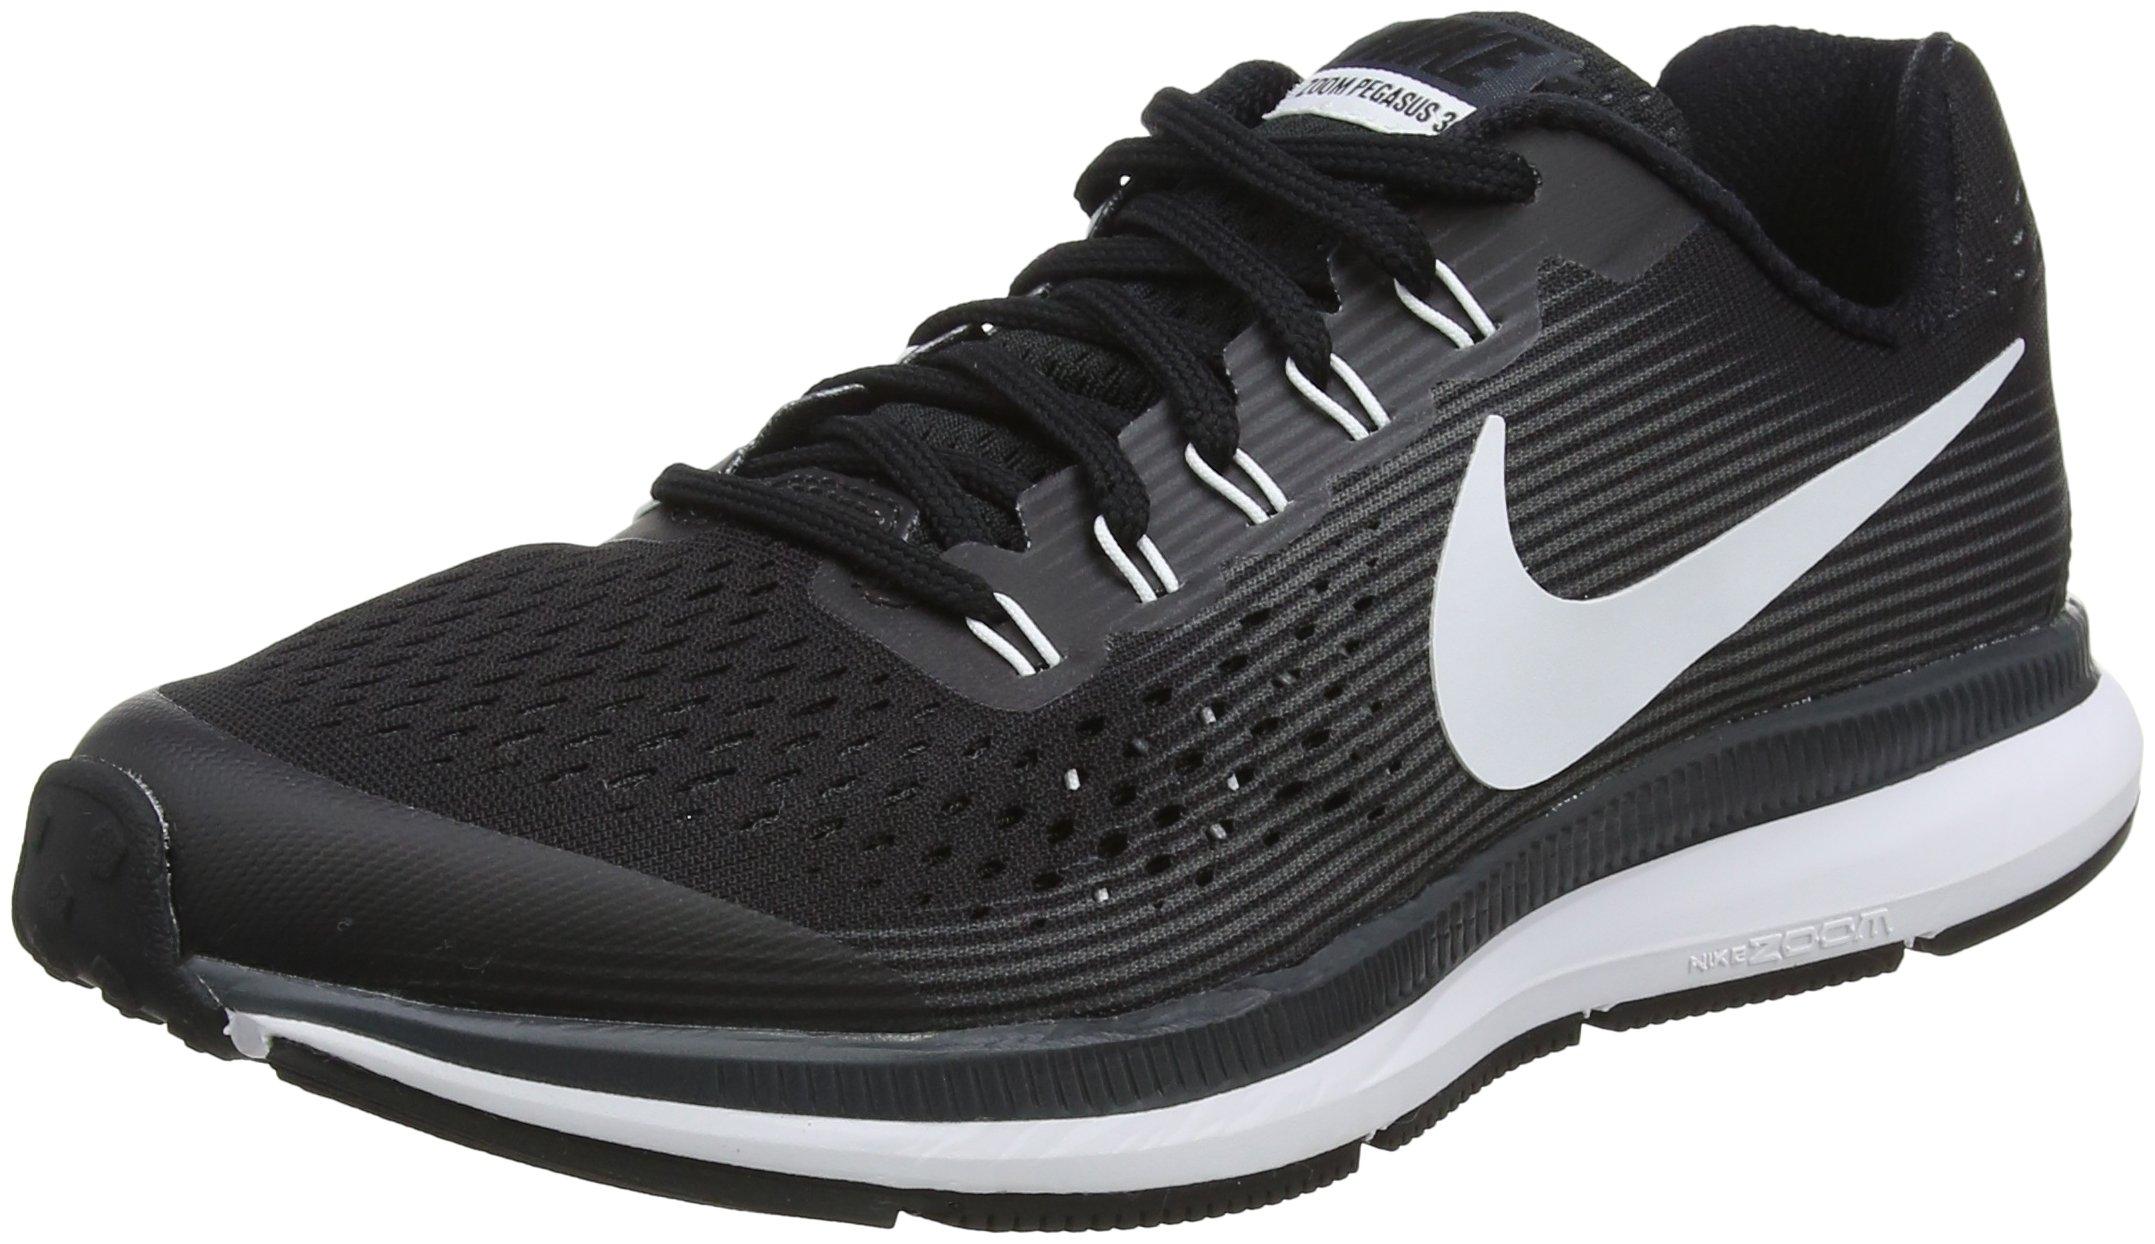 NIKE Boy's Zoom Pegasus 34 (GS) Running Shoe Black/White/Dark Grey/Anthracite Size 6 M US